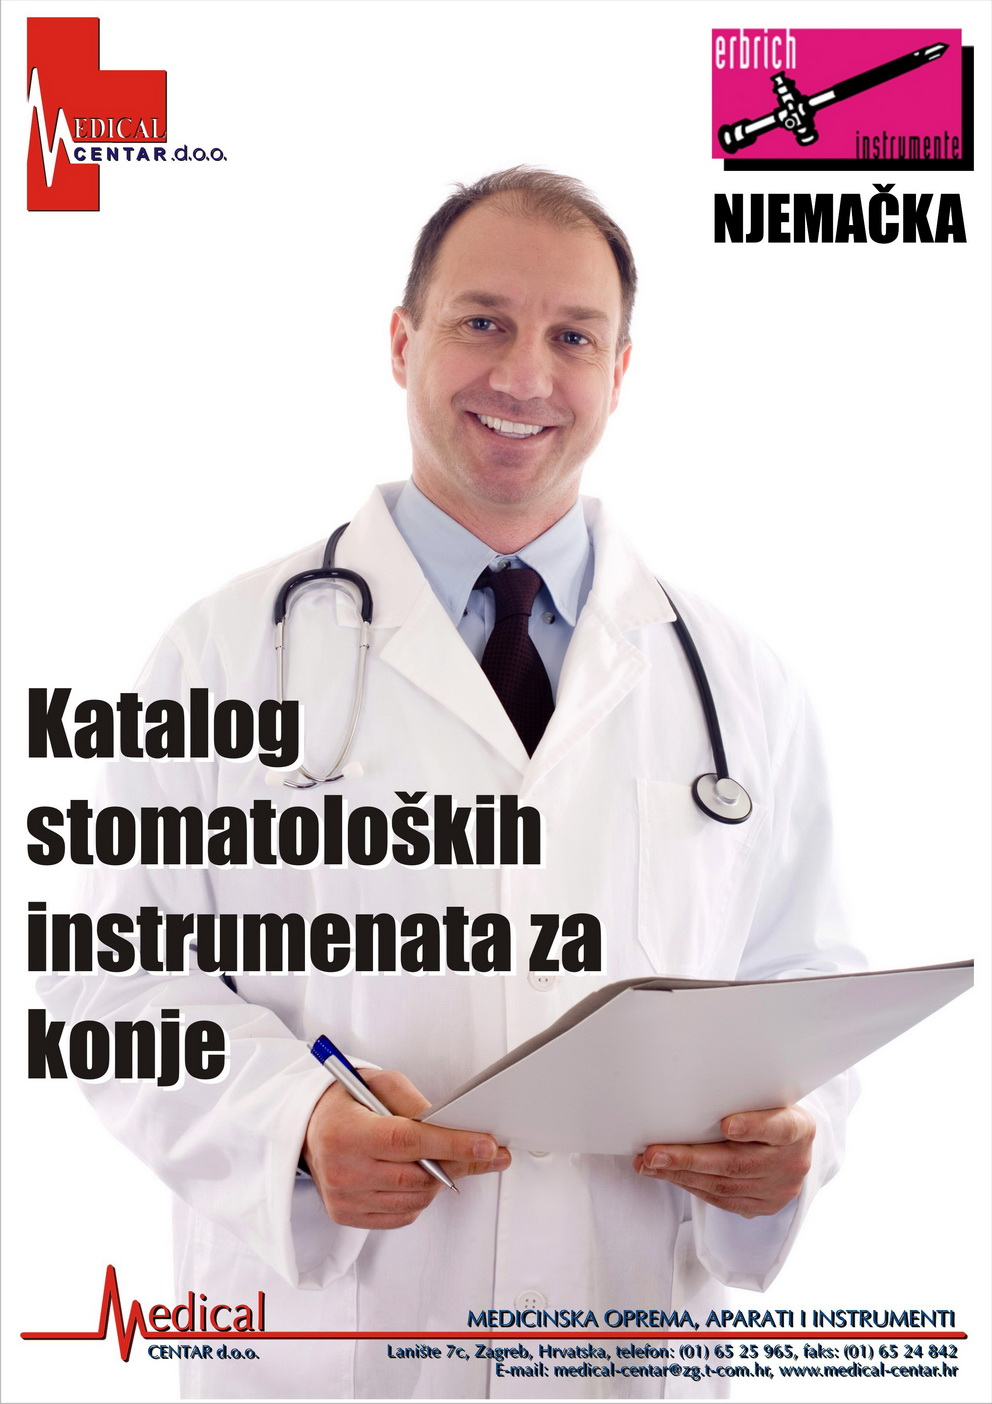 katalog stomatoloških instrumenata za konje - naslovnica